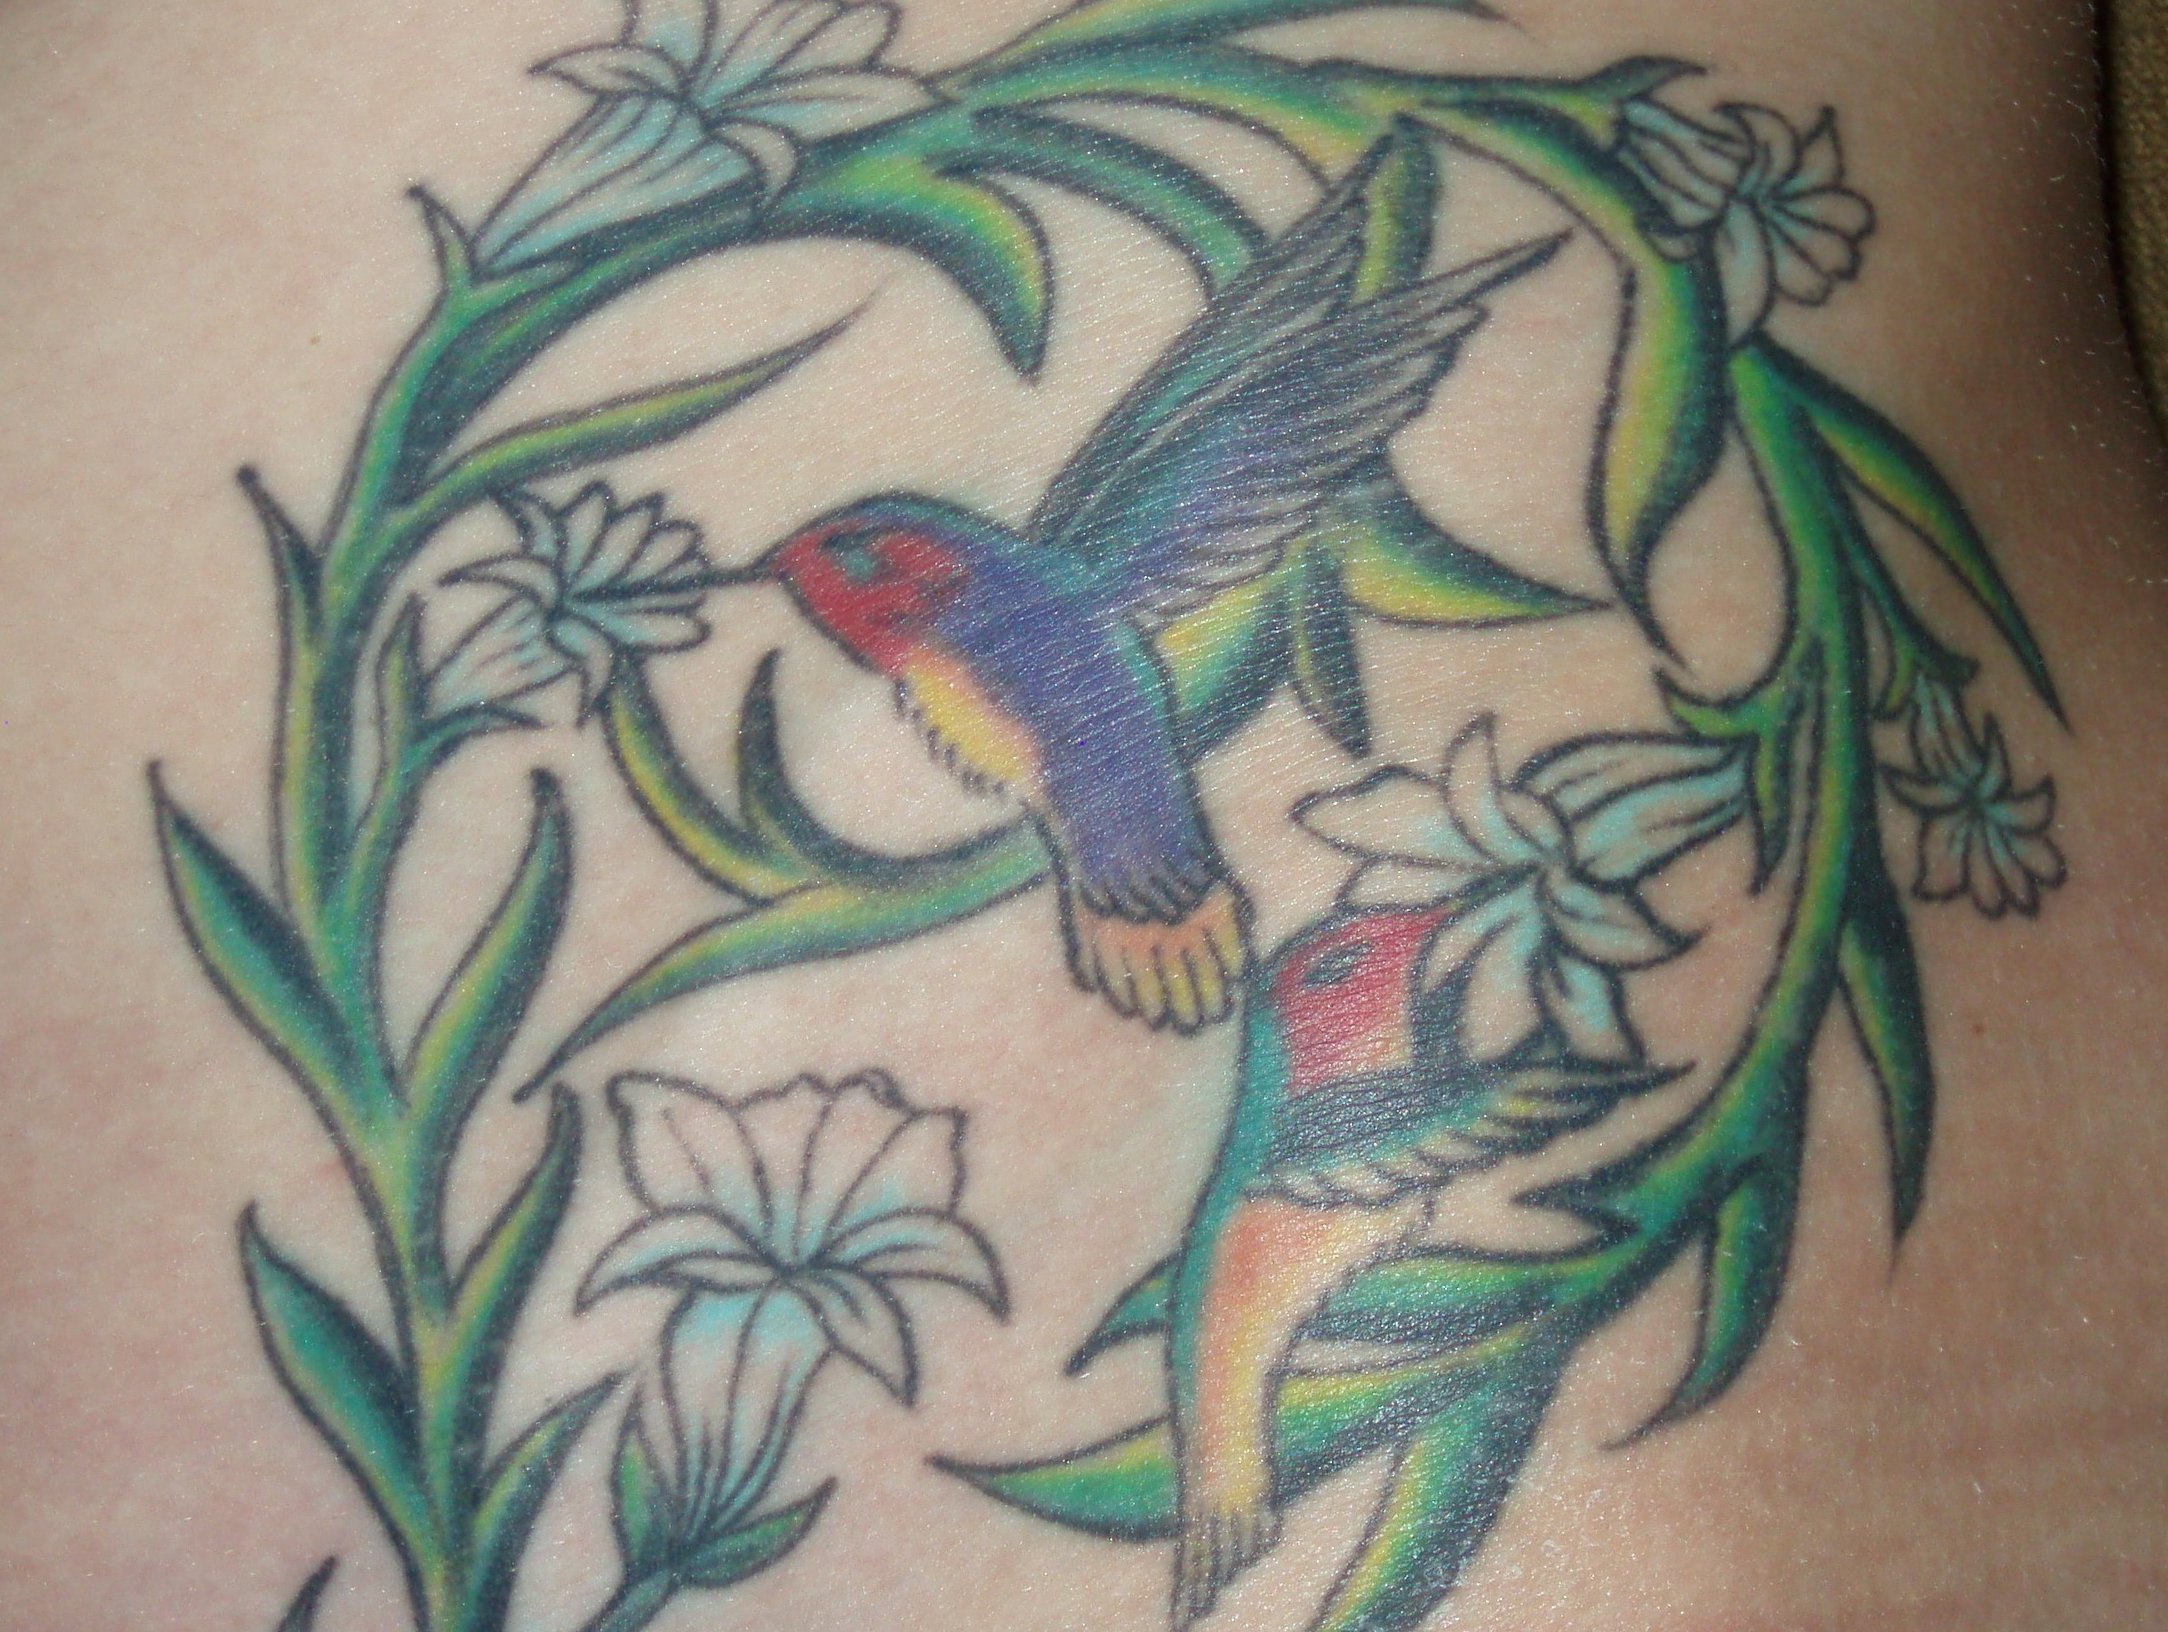 Kolibri Tattoo Motive und deren Bedeutung alletattoo.de 17